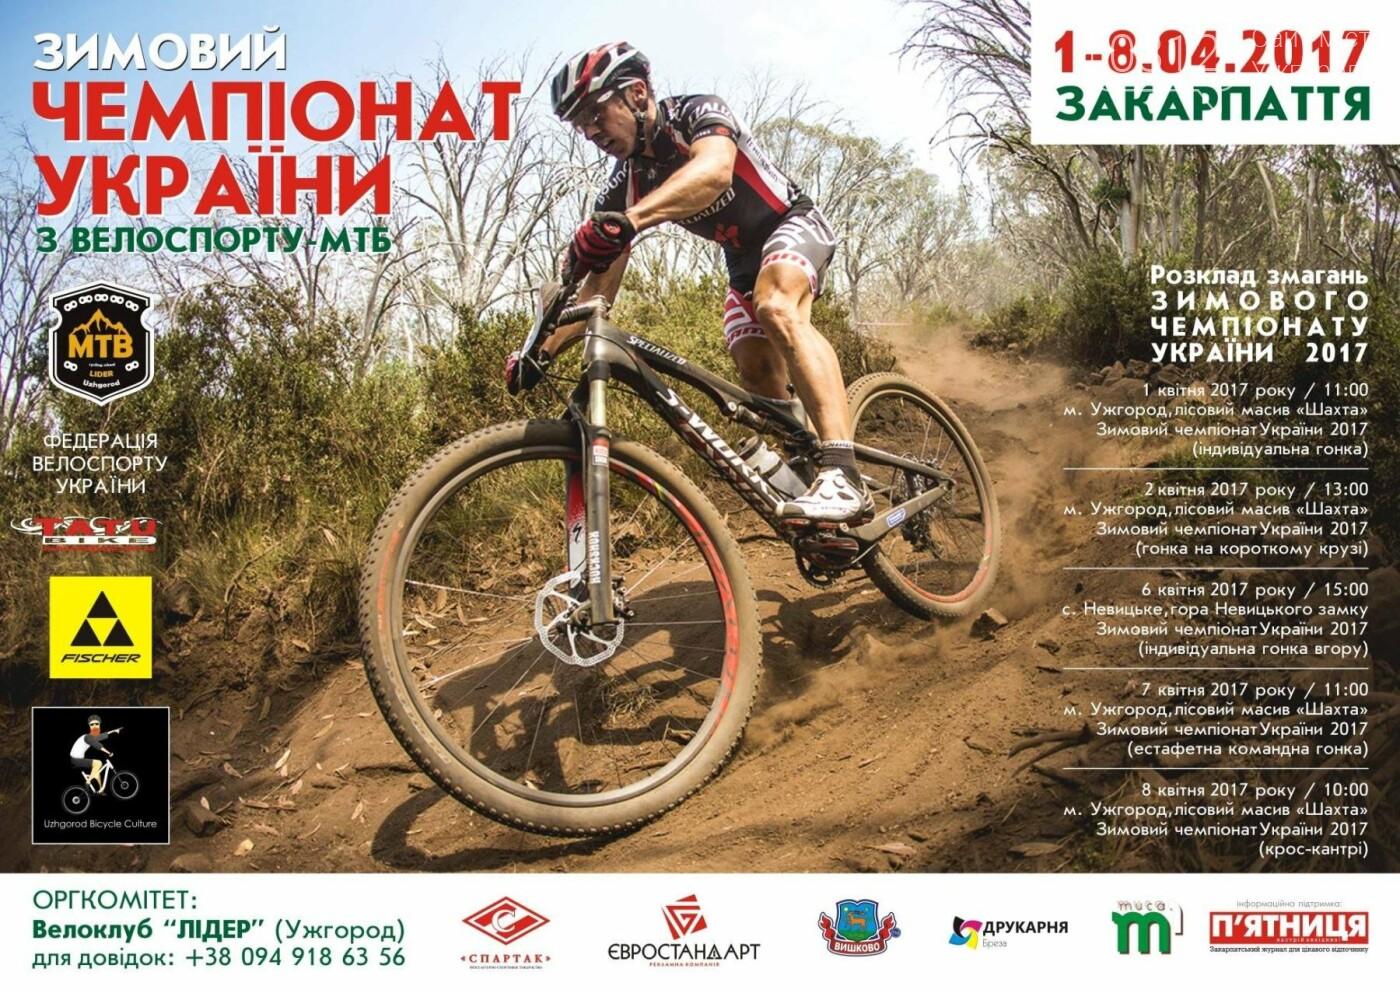 ТОП-10 подій в Ужгороді на вихідні 31 березня - 1 квітня , фото-6